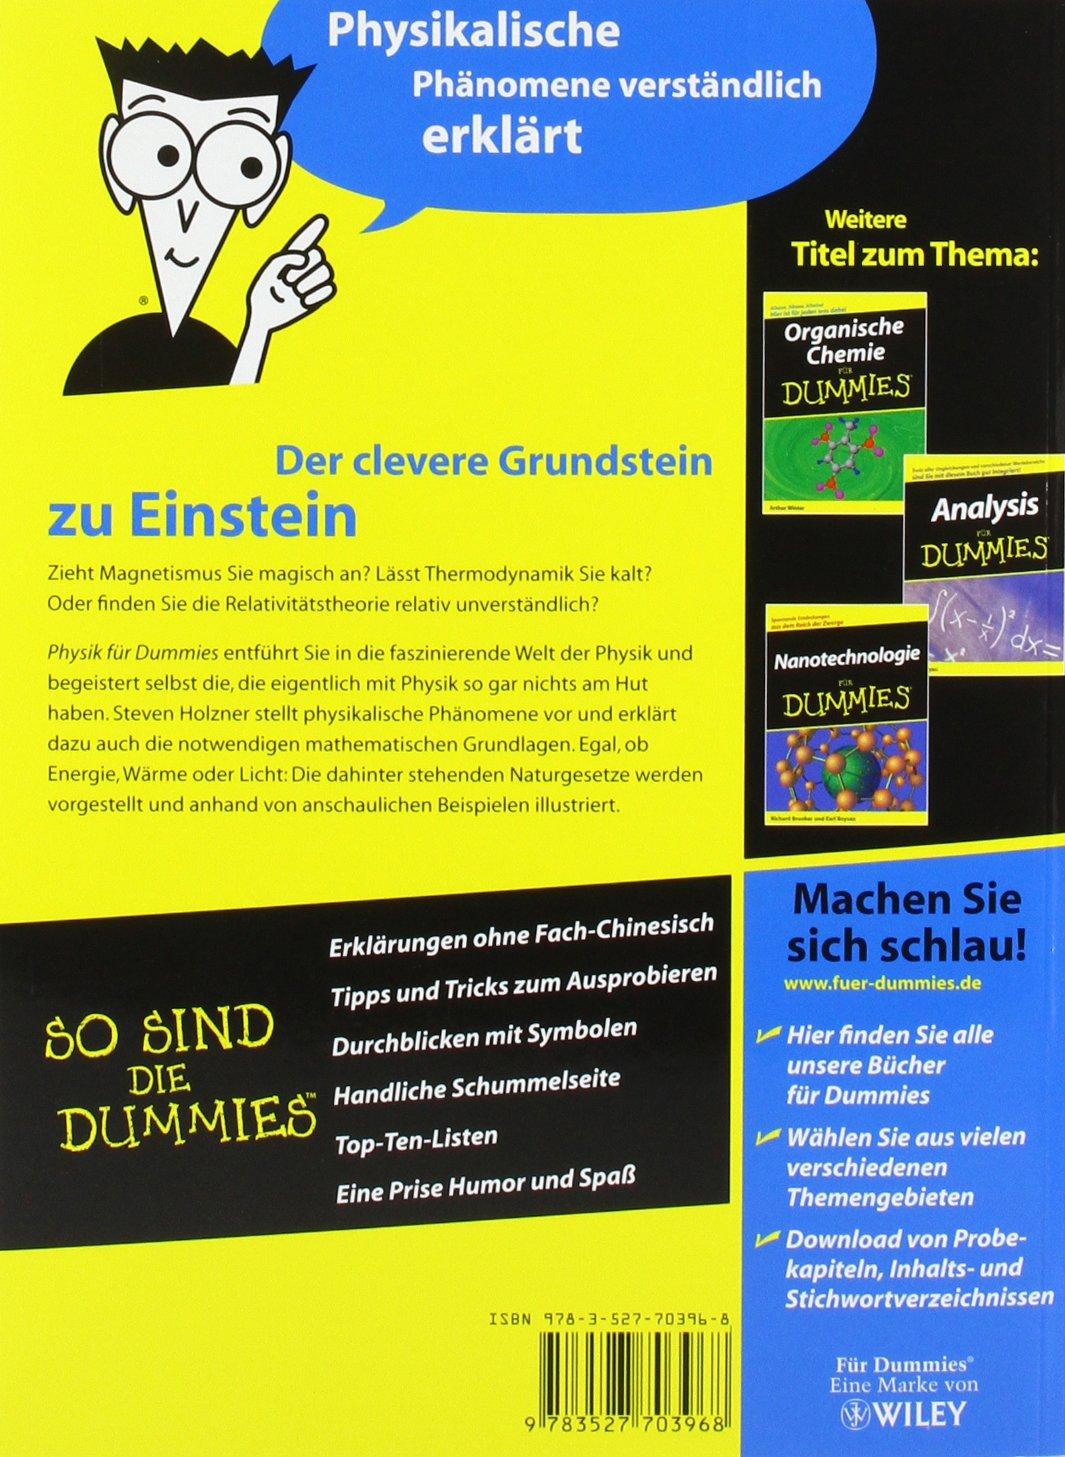 Physik Für Dummies: Amazon.de: Steve Holzner, Michael Bär, Anna Schleitzer:  Bücher